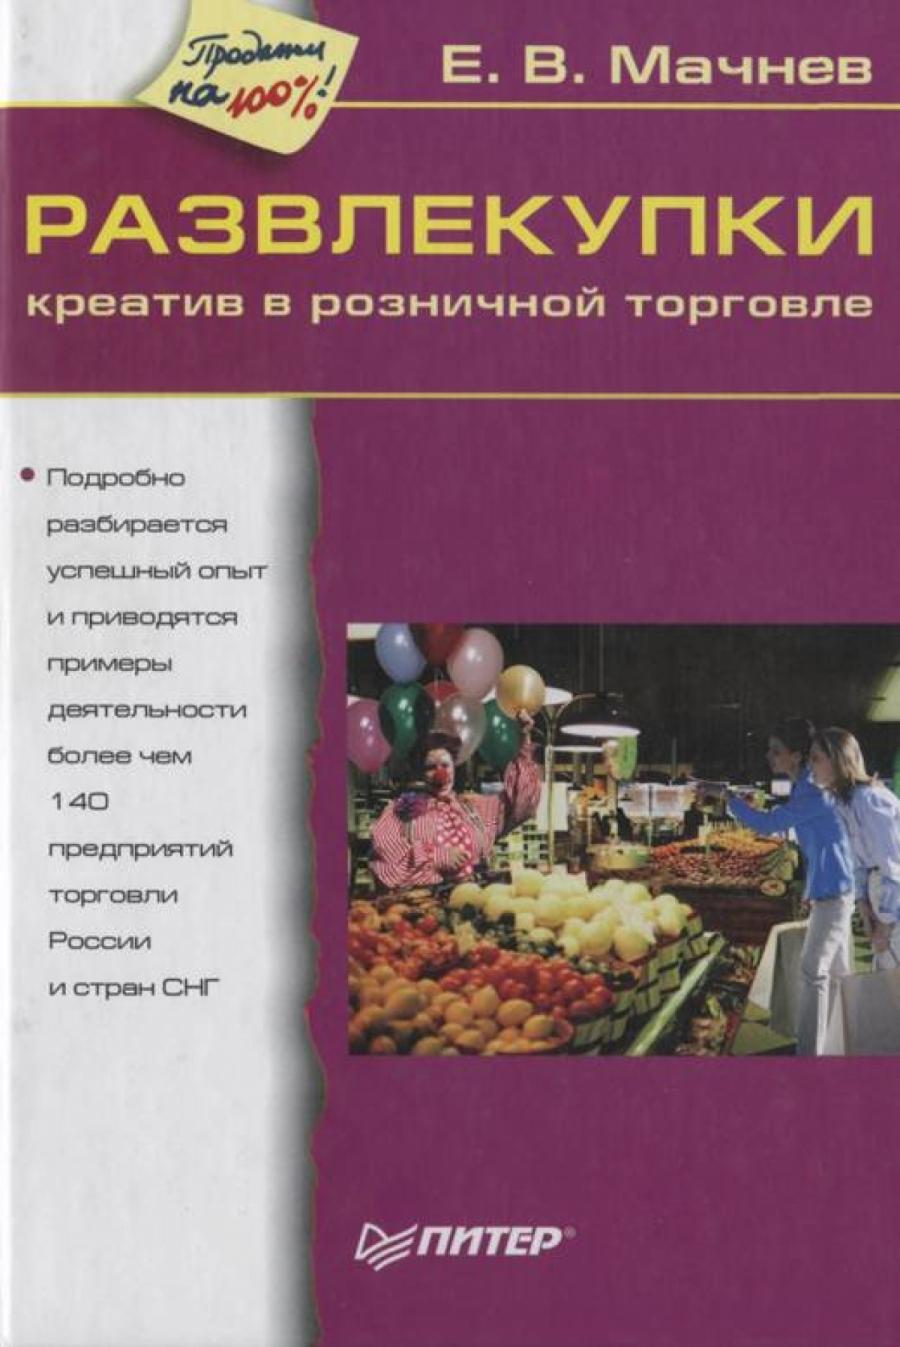 Обложка книги:  е. в. мачнев - развлекупки. креатив в розничной торговле